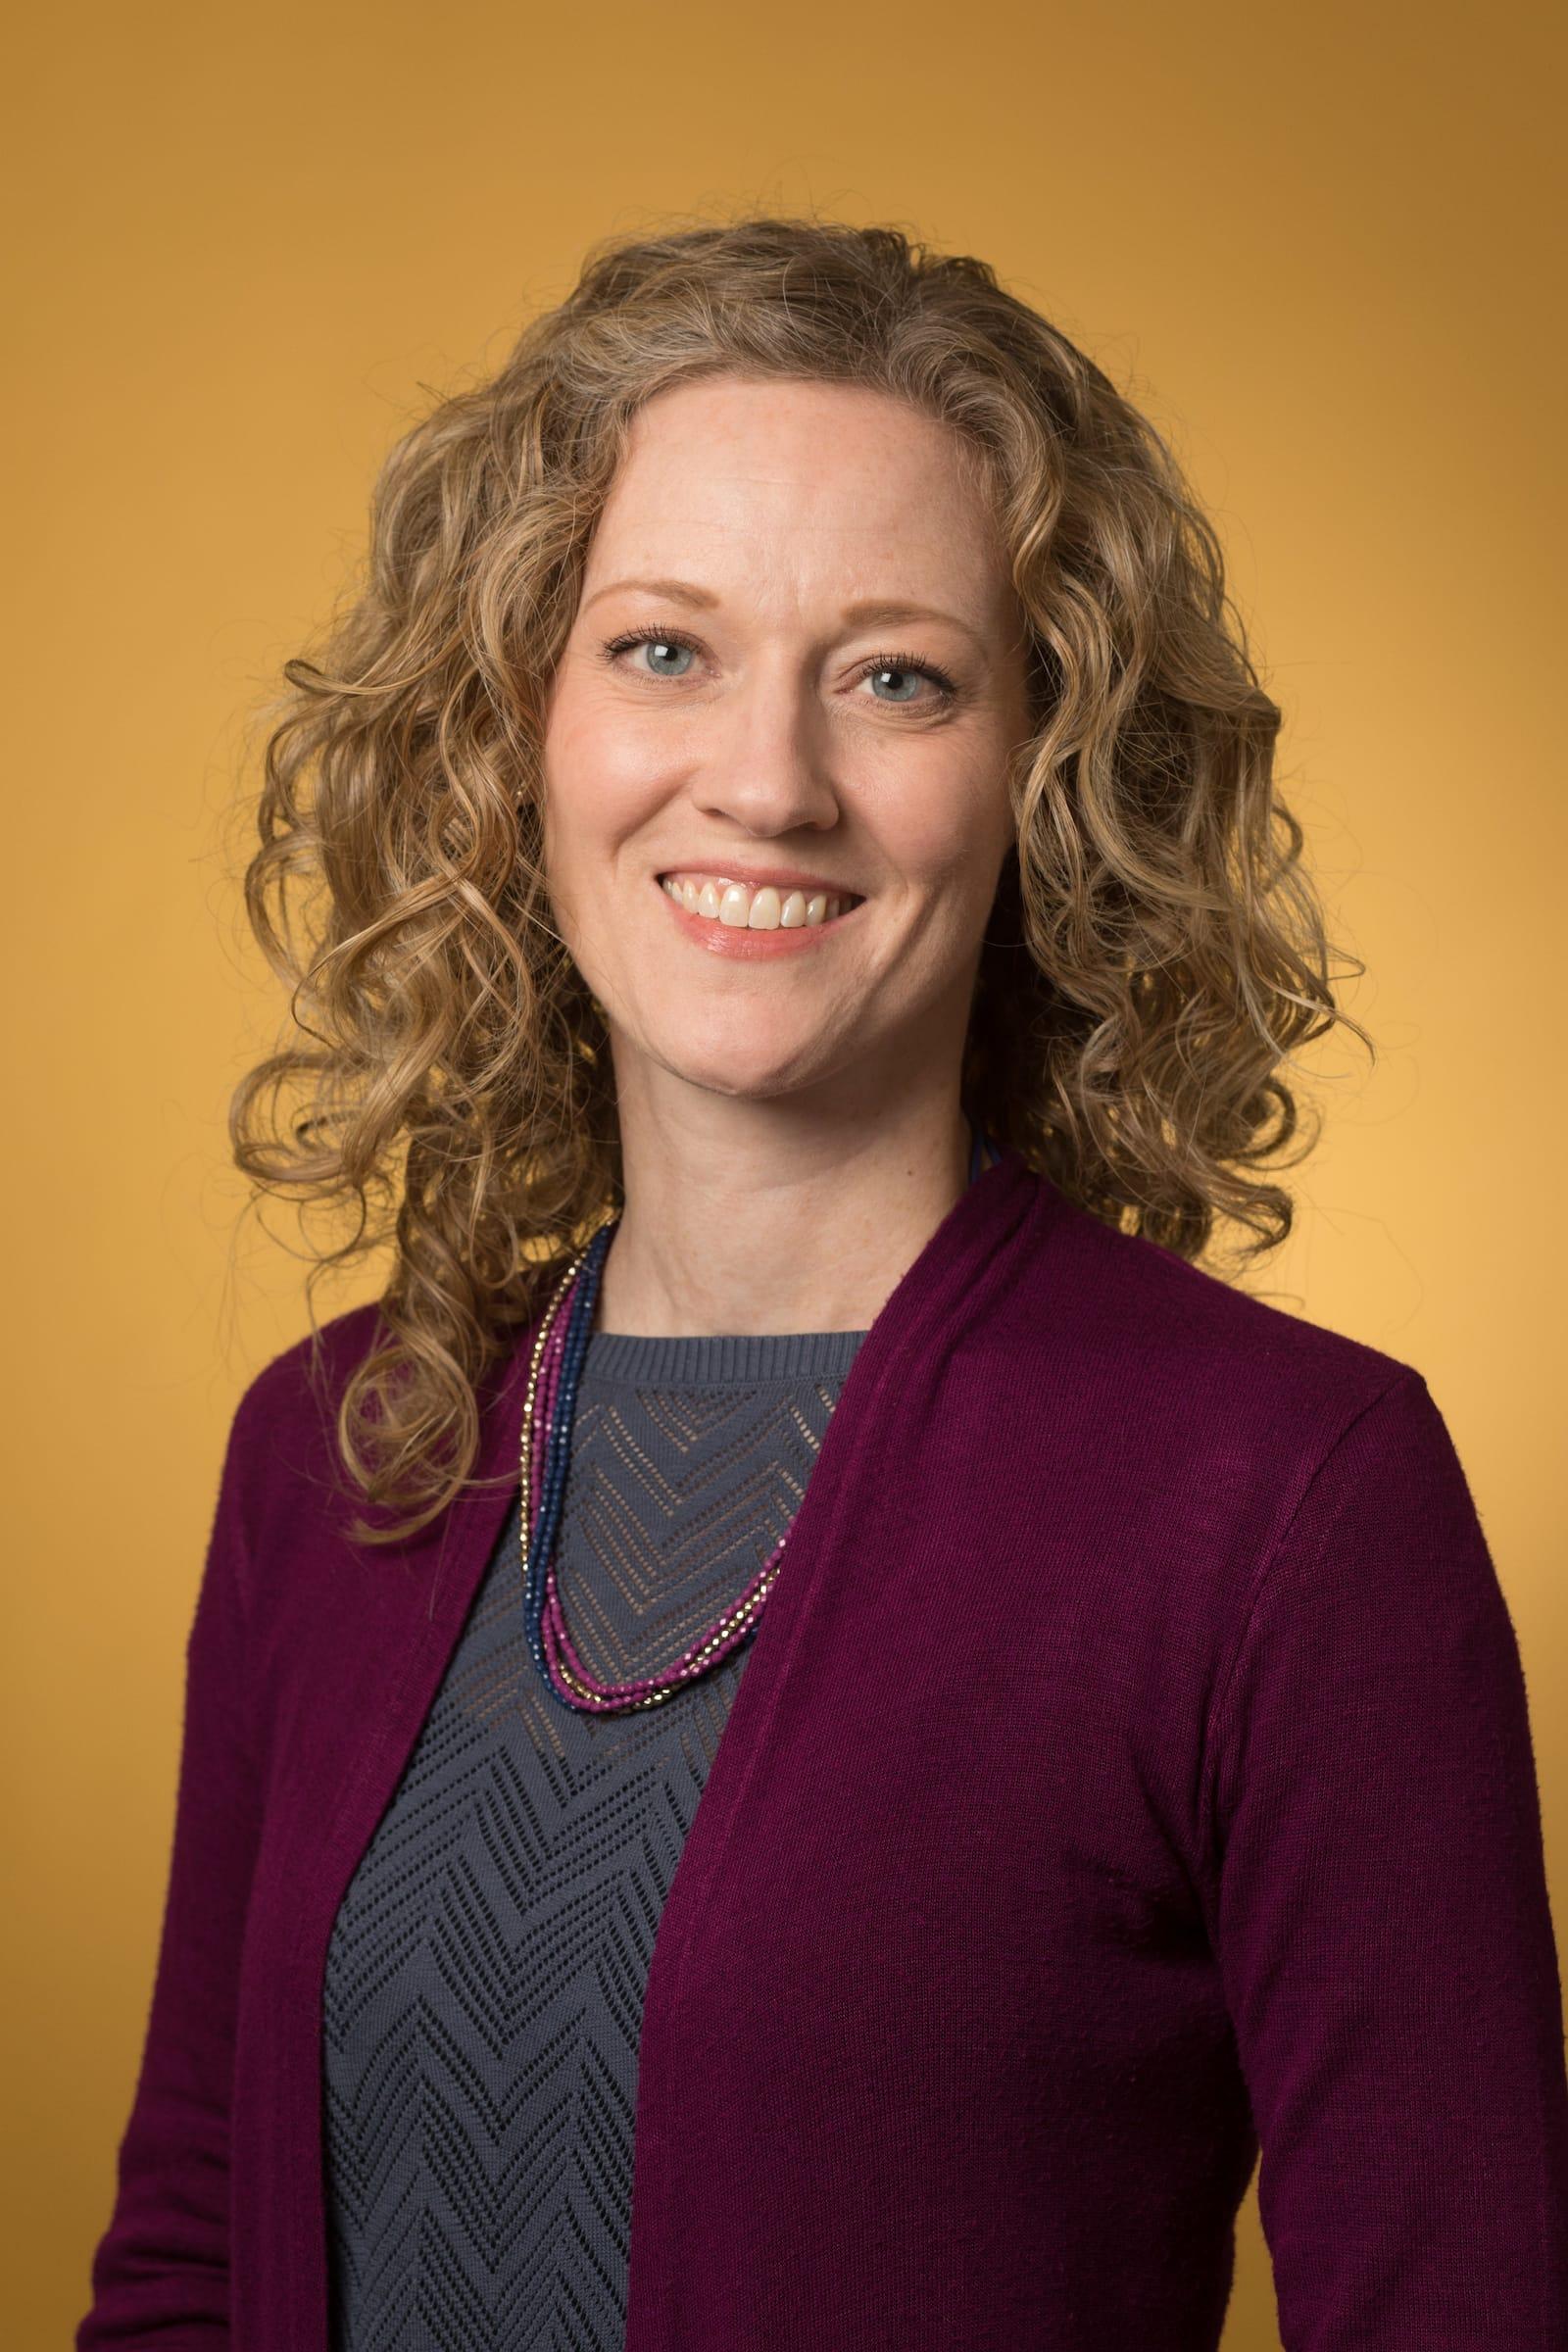 Ann Murphy -Program Director